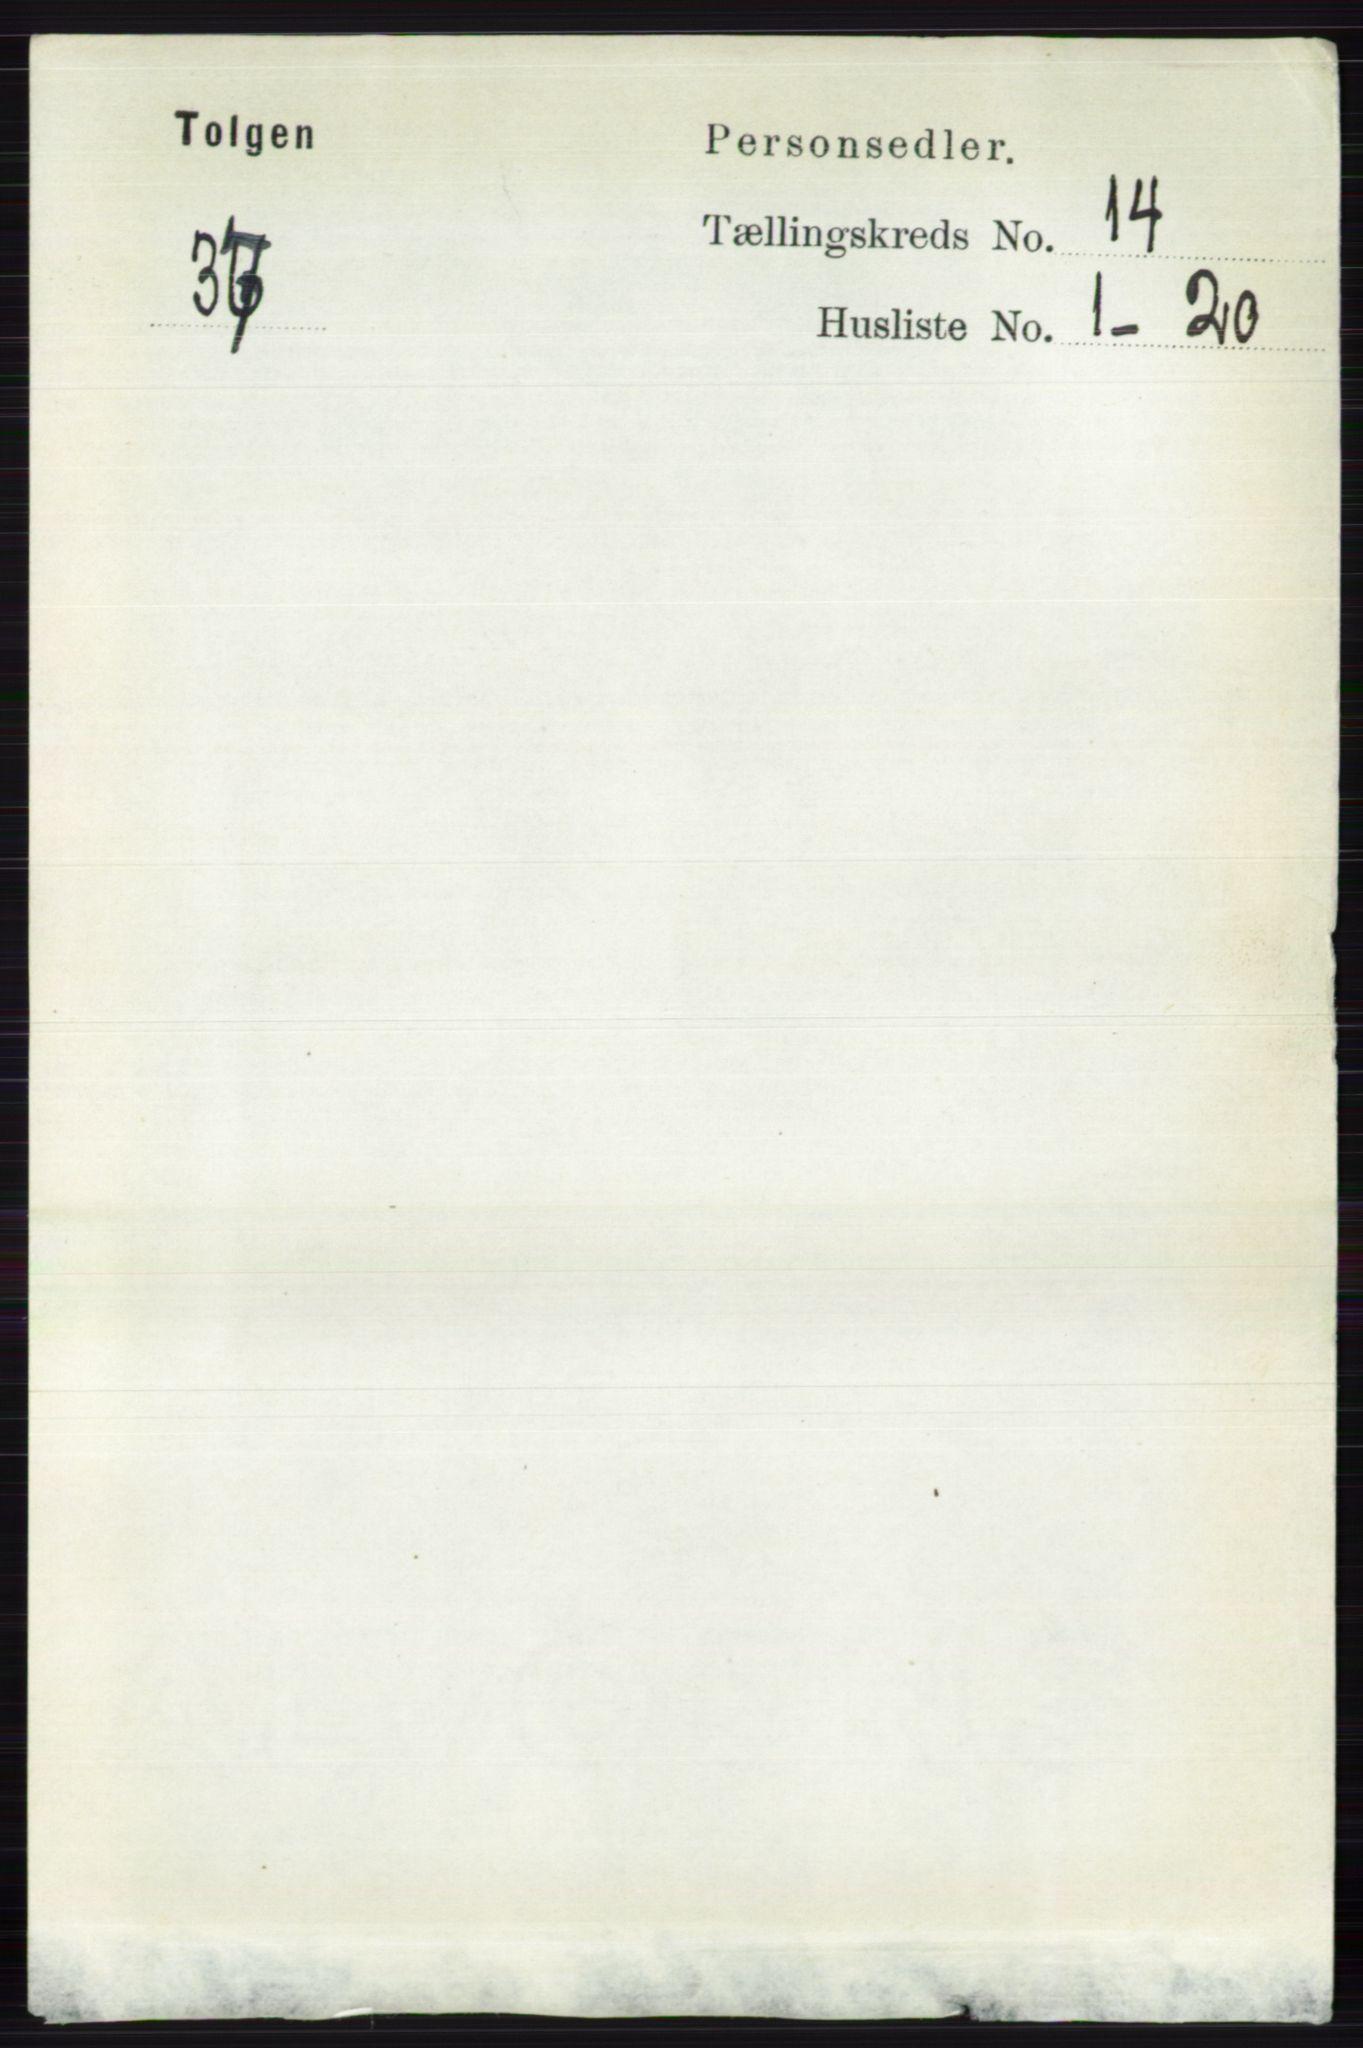 RA, Folketelling 1891 for 0436 Tolga herred, 1891, s. 4124